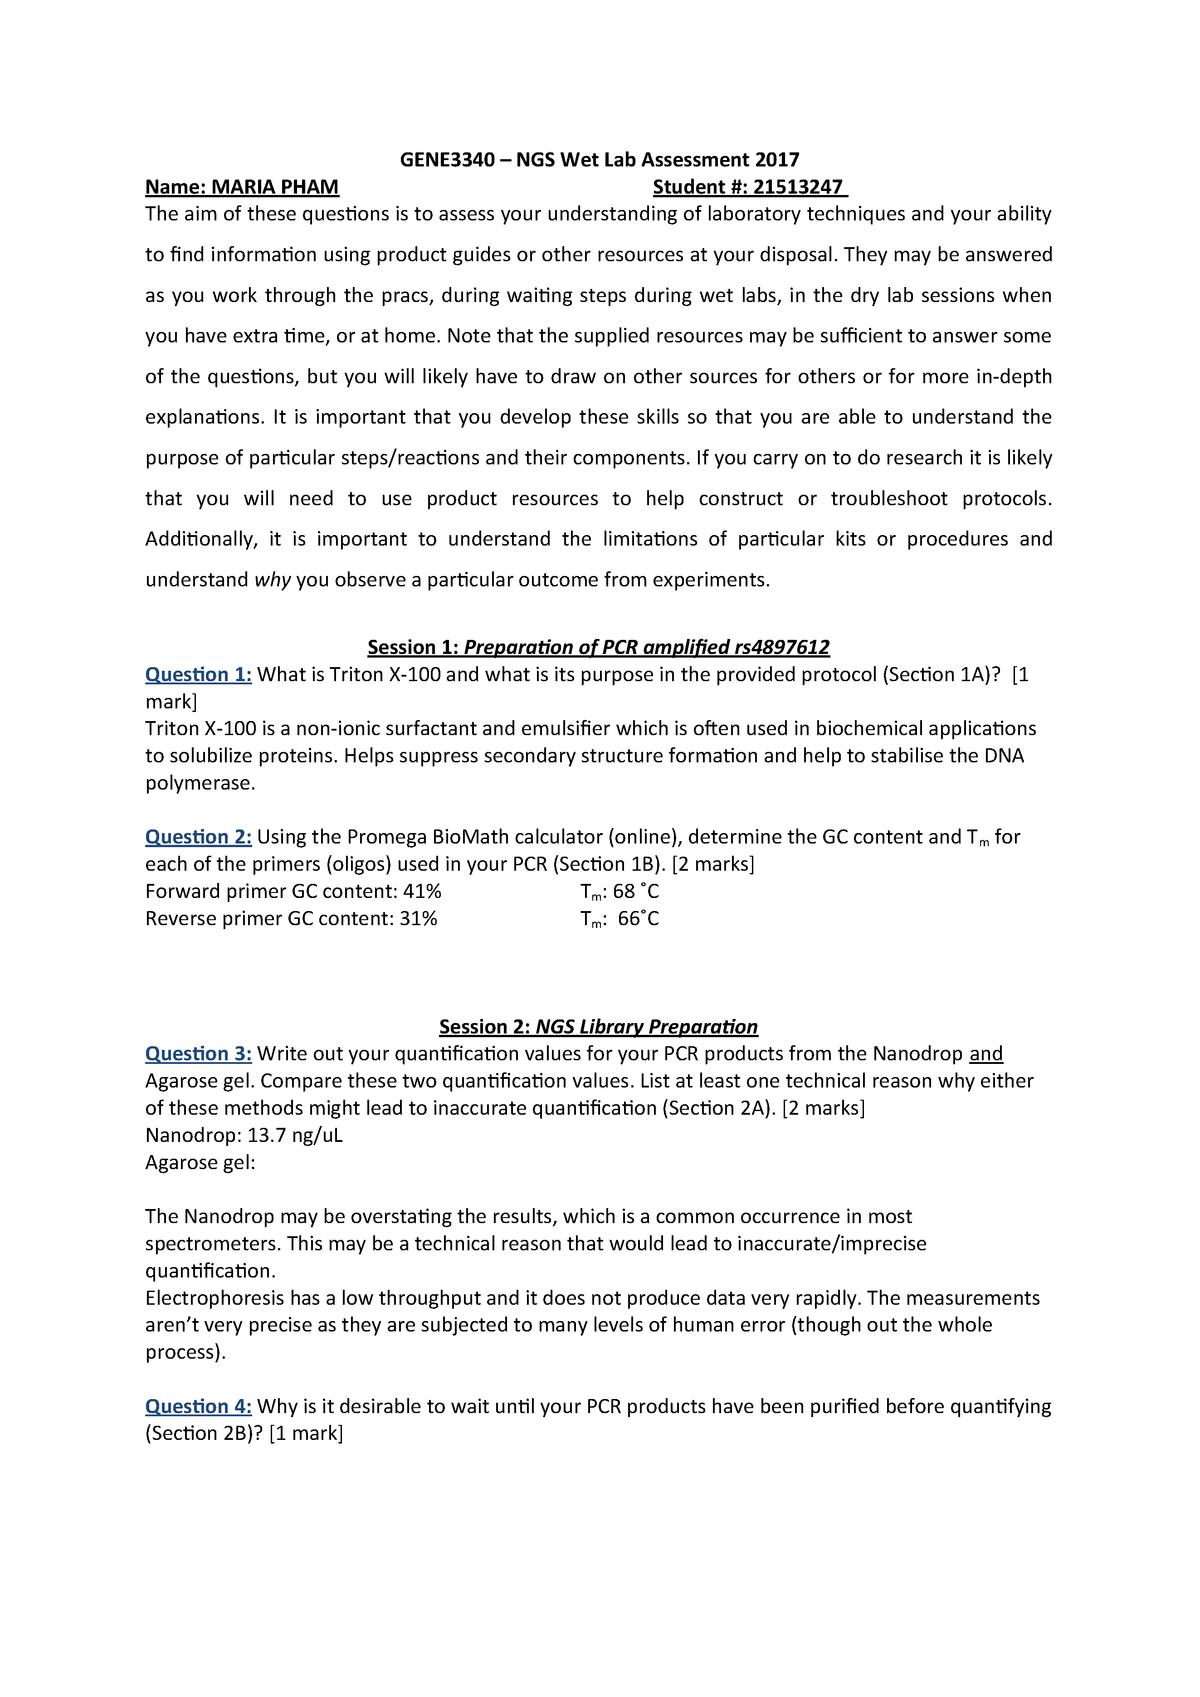 GENE3340 NGS wet assessment 2017 JC v4 - PHIL1002 - UQ - StuDocu